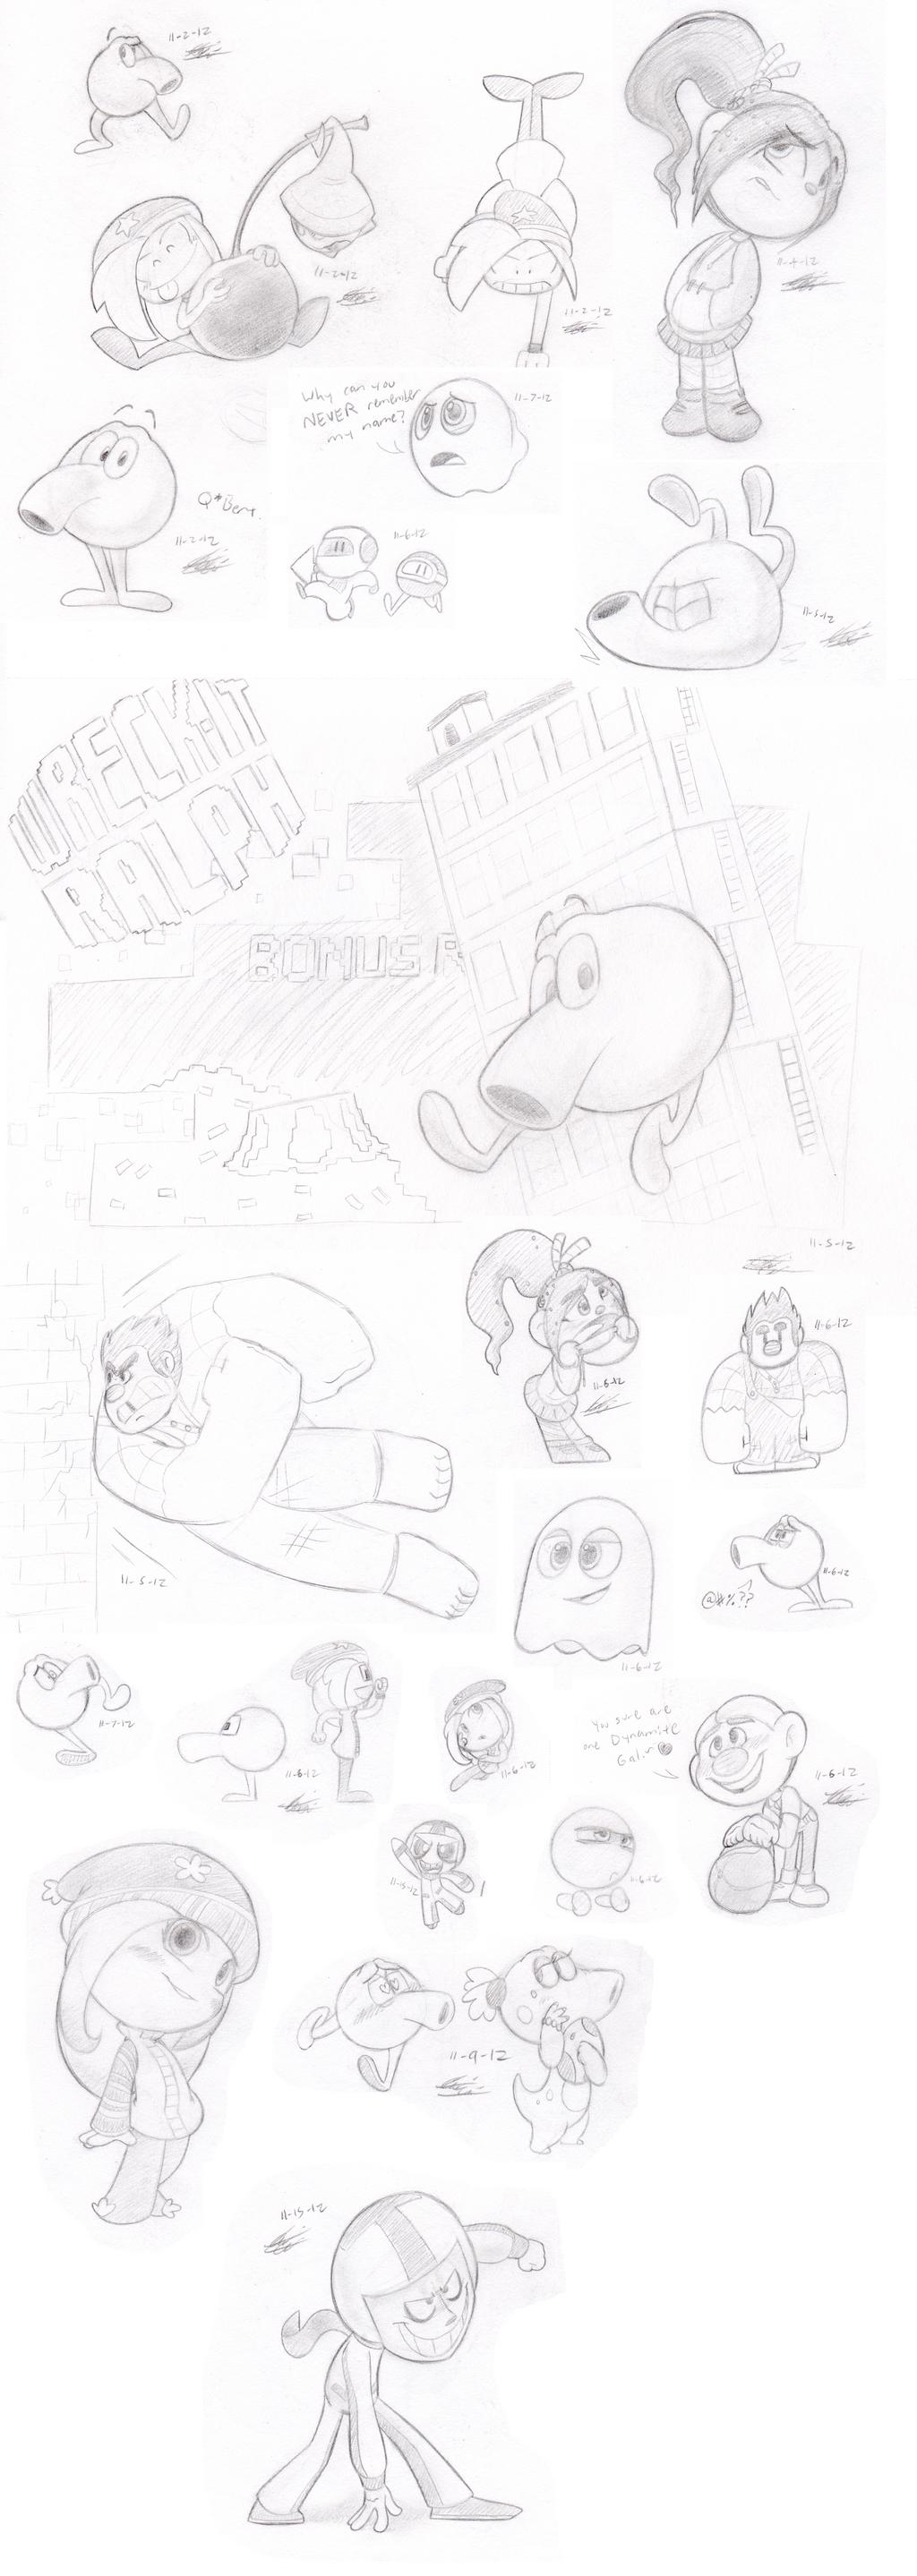 Im Gonna Sketch It by Piranhartist